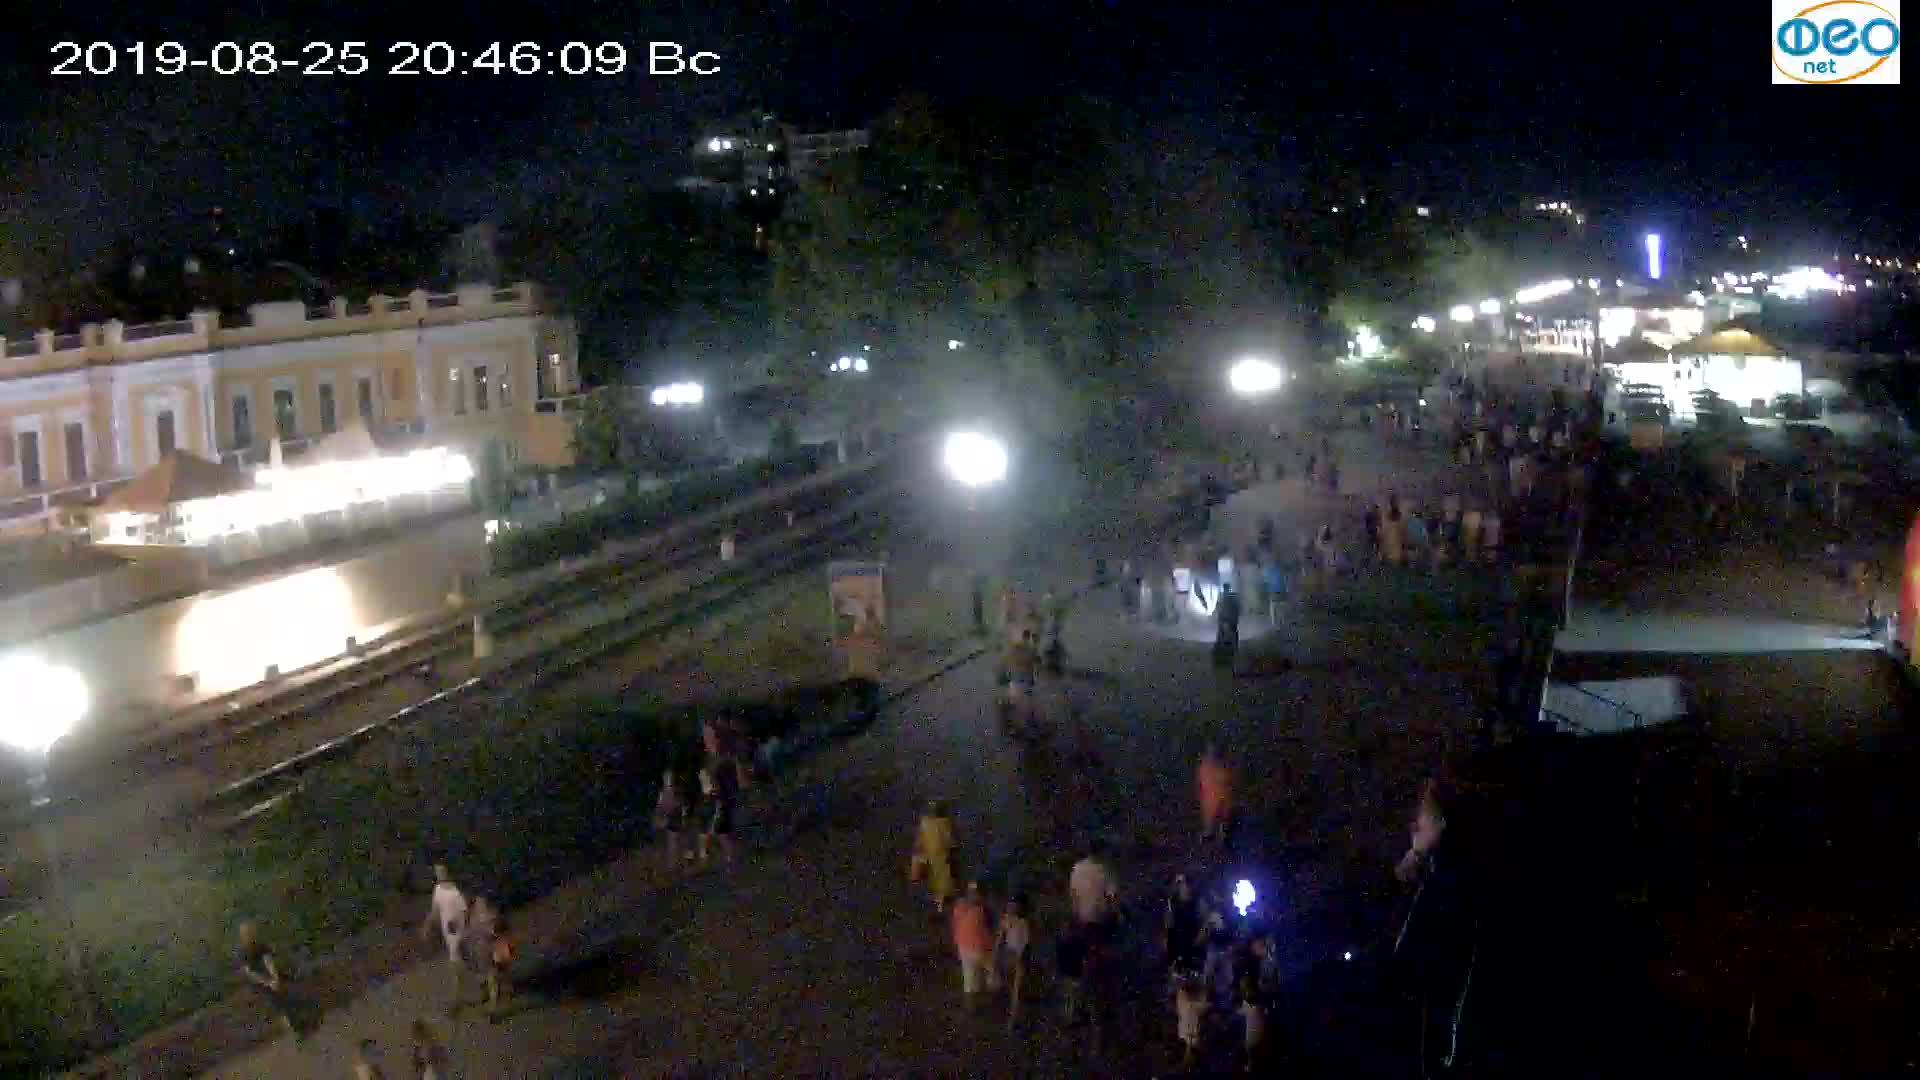 Веб-камеры Феодосии, Набережная, 2019-08-25 20:40:06